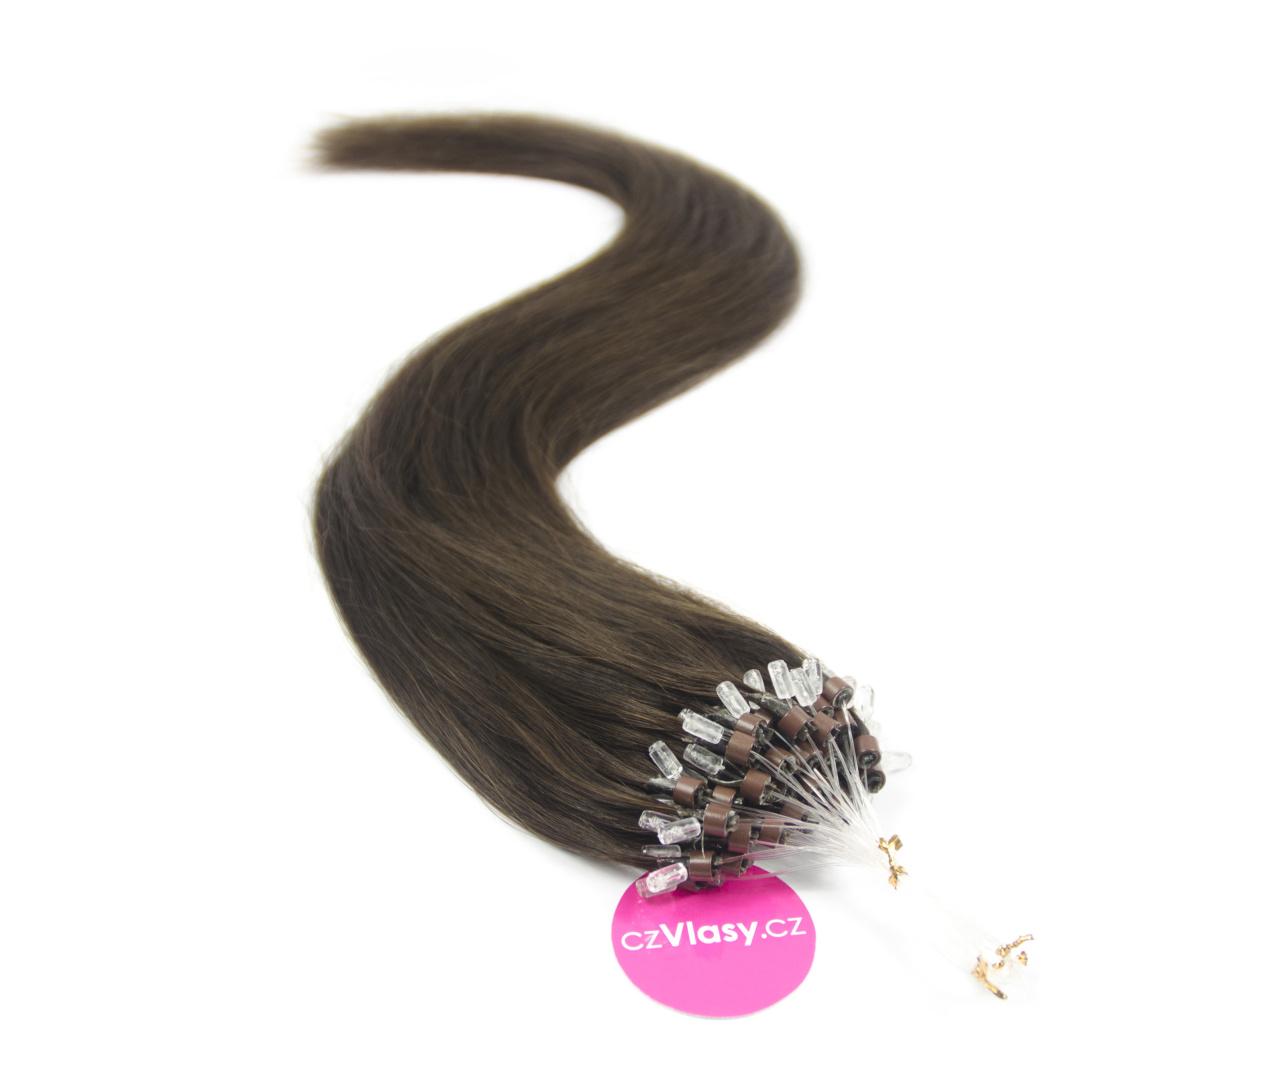 Indické vlasy na metodu micro-ring odstín 2 Délka: 40 cm, Hmotnost: 0,8 g/pramínek, REMY